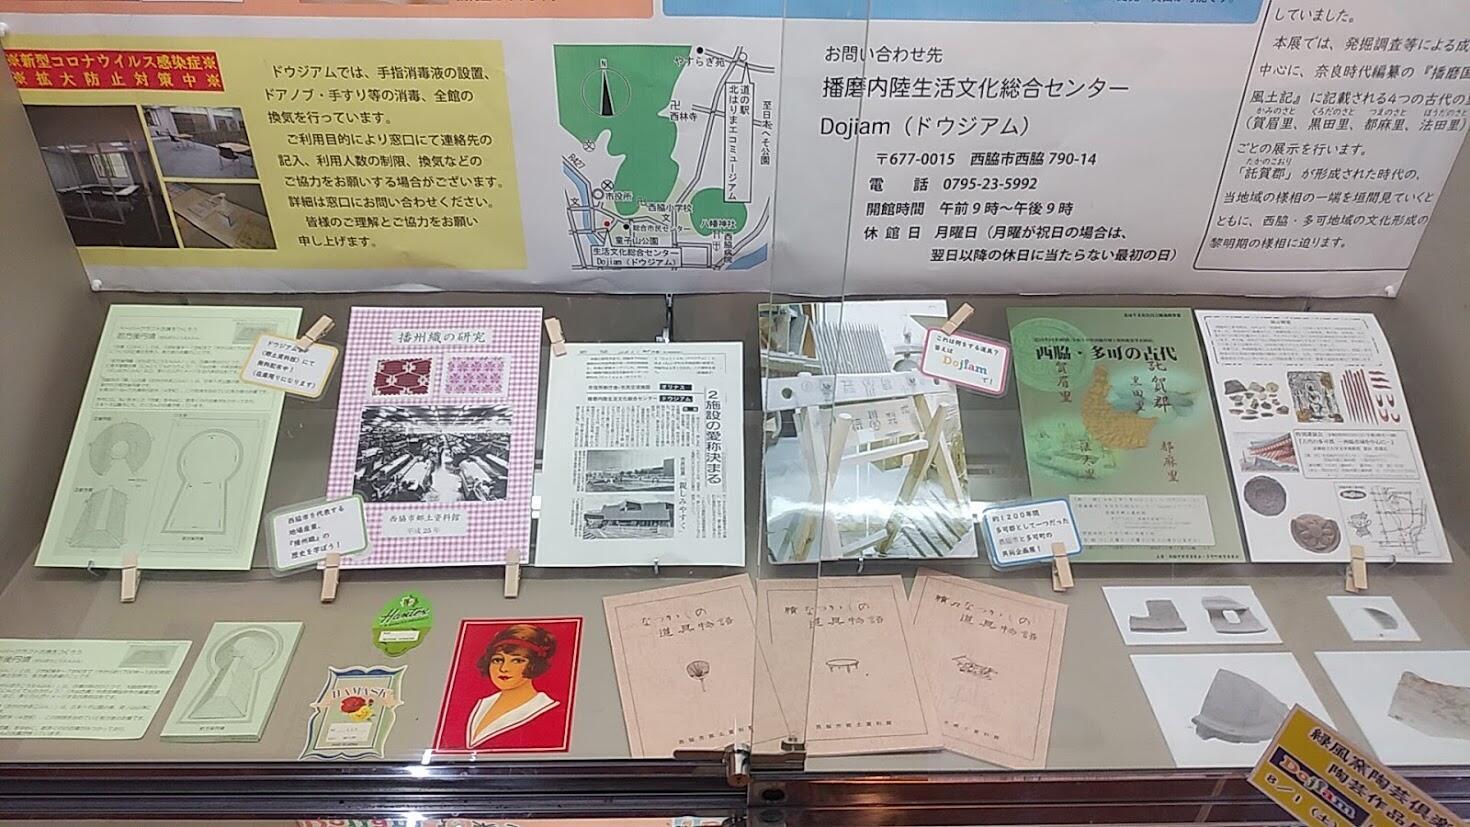 8月のショーケース展示:播磨内陸生活文化センター Dojiam